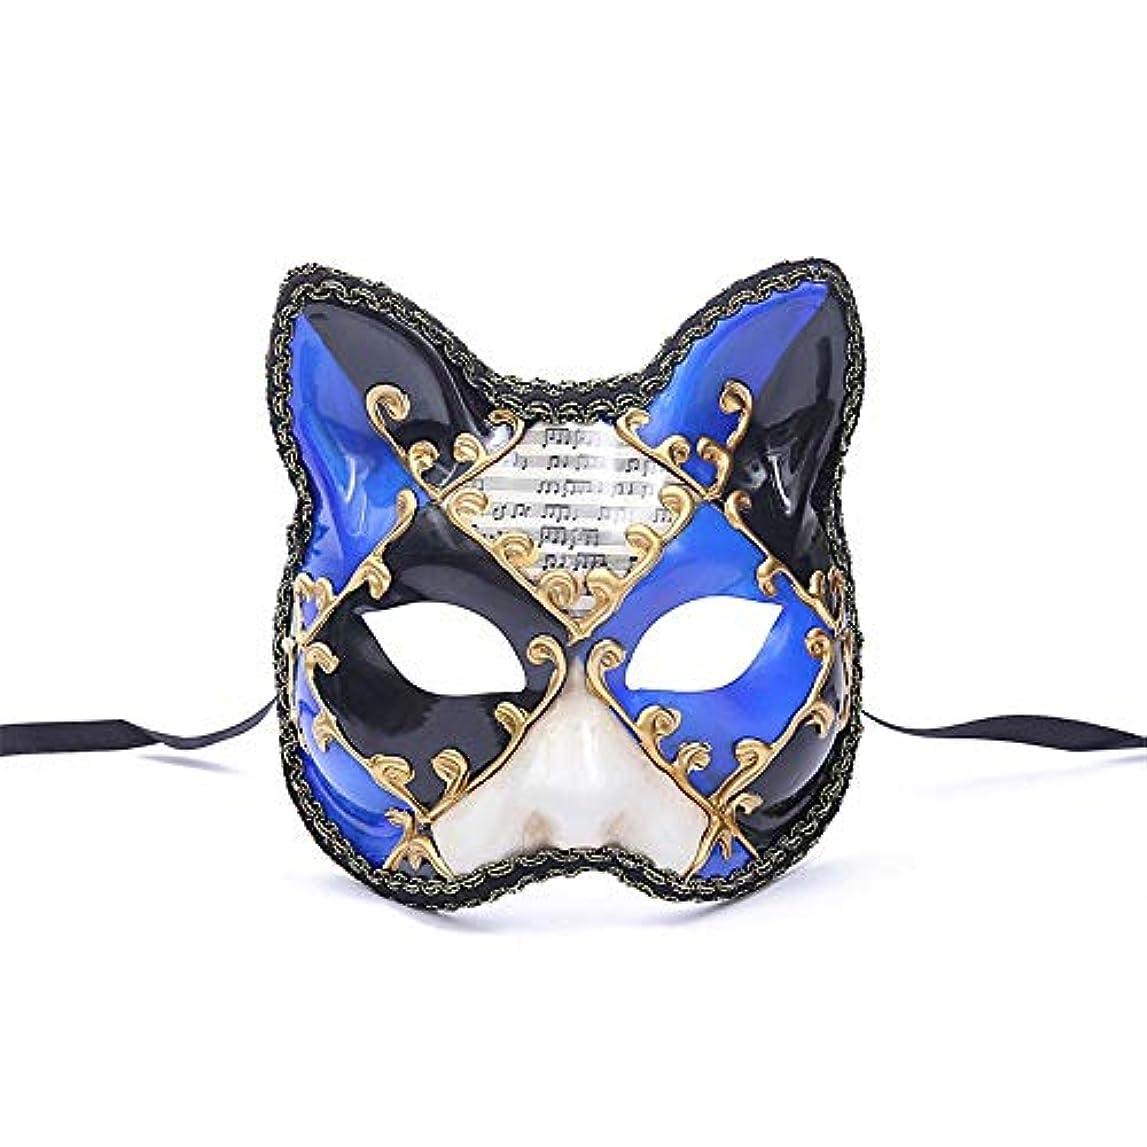 耐えられるマット受信機ダンスマスク 大きな猫アンティーク動物レトロコスプレハロウィーン仮装マスクナイトクラブマスク雰囲気フェスティバルマスク ホリデーパーティー用品 (色 : 青, サイズ : 17.5x16cm)